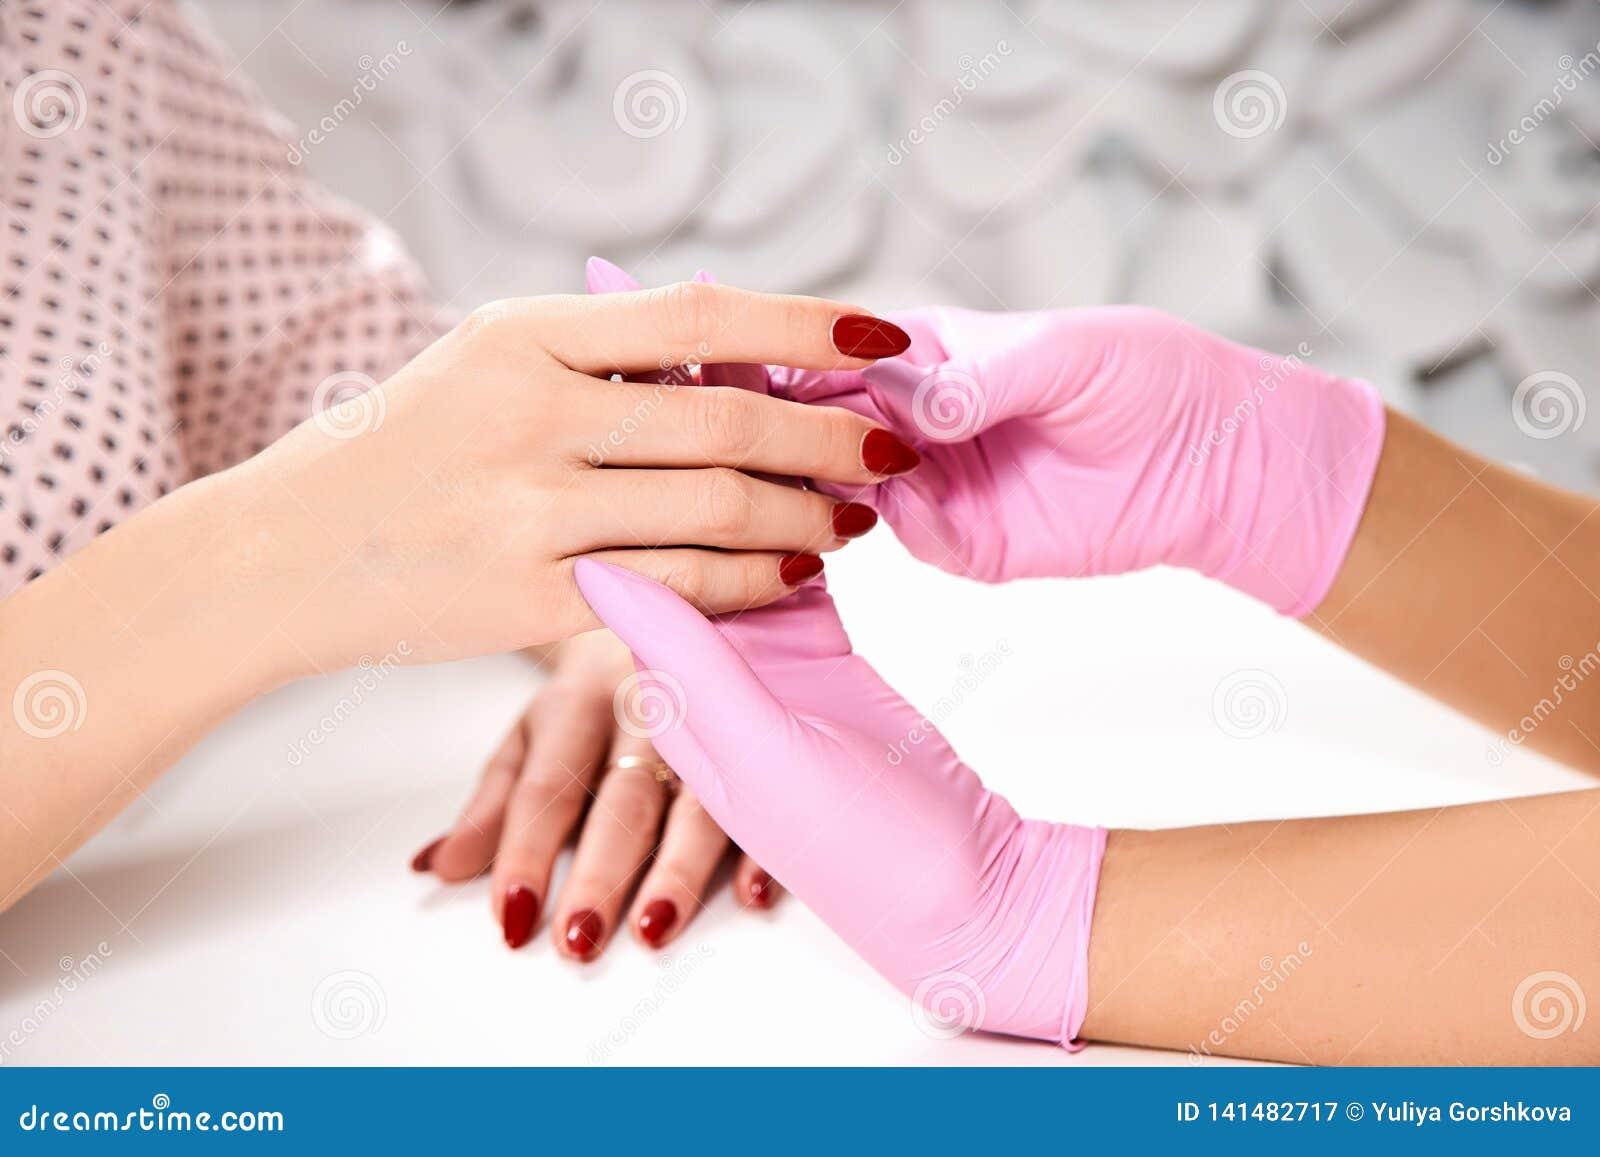 Manicure bij de schoonheidssalon De meester houdt client& x27; s overhandigt handenclose-up Roze handschoenen, rood nagellak